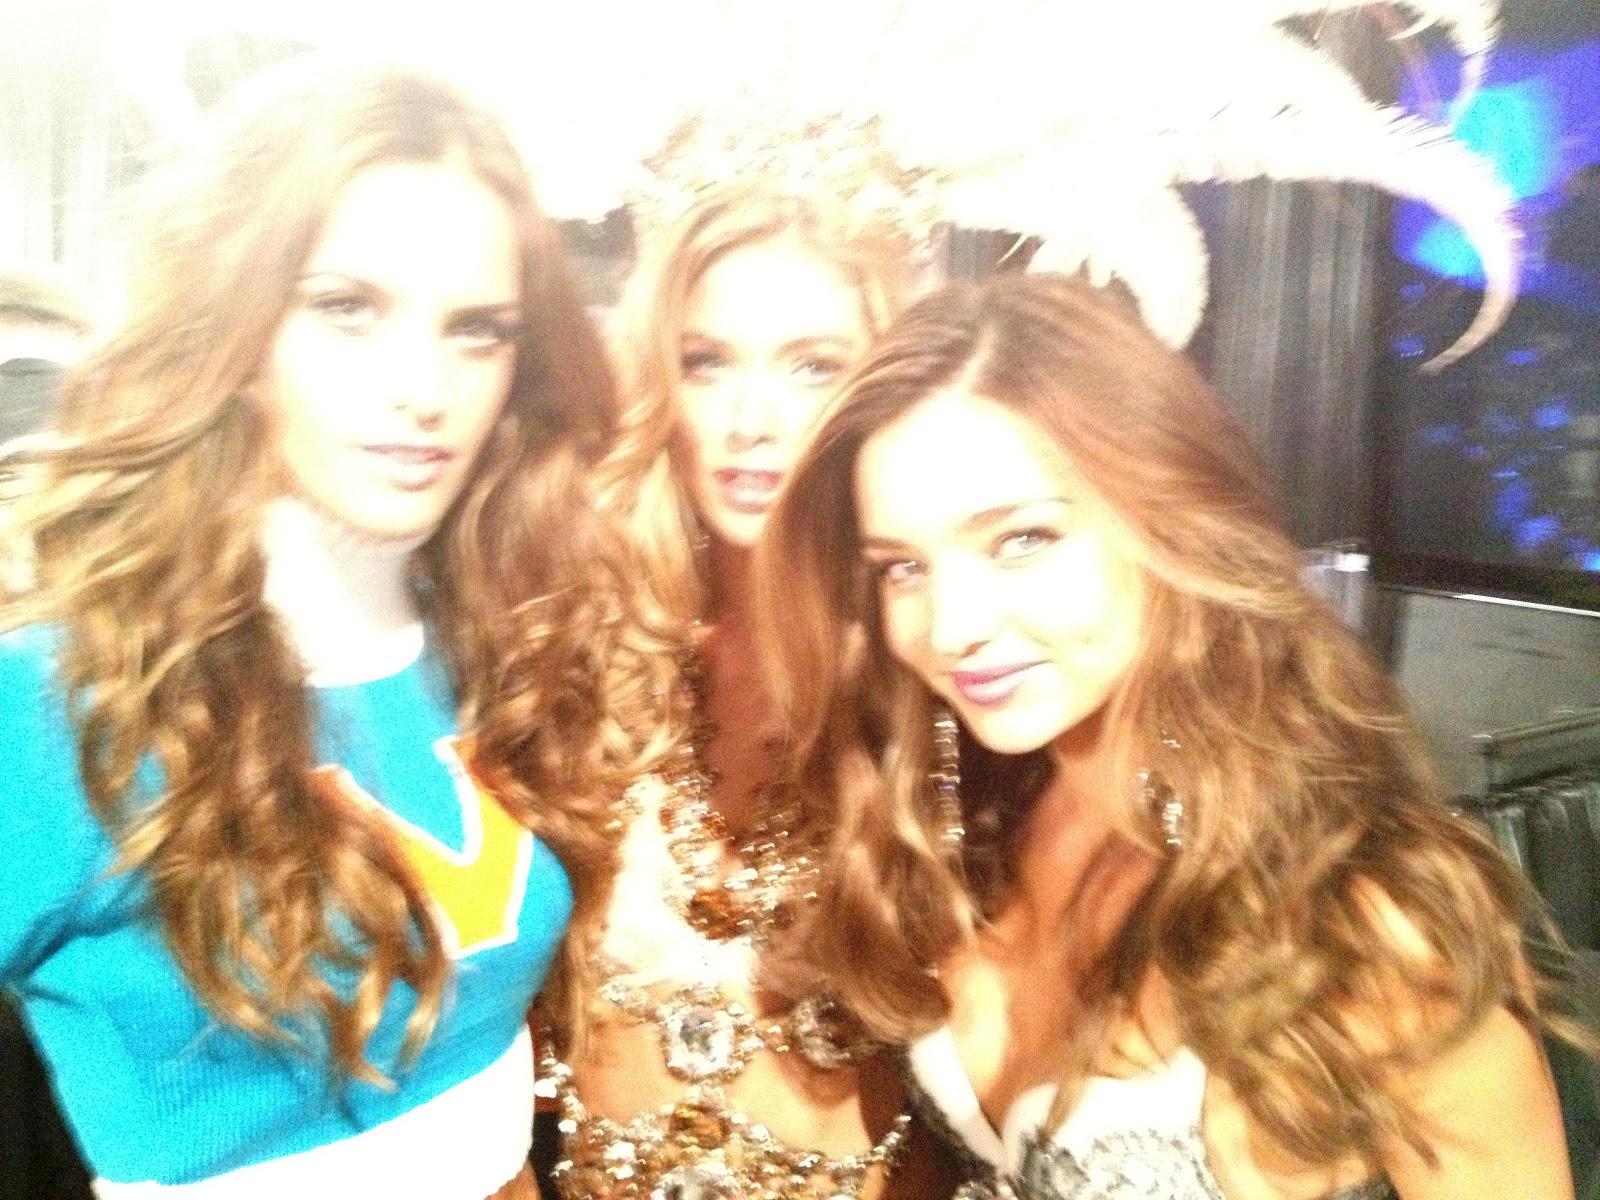 http://2.bp.blogspot.com/-AppHUJjFz8U/UKPu-qQXMAI/AAAAAAAACtM/uEhsv9SY--s/s1600/kona-tanning-katie-victorias-secret-fashion-show-2012-angel-wings-kenny-miranda-kerr-izabel-goulart-doutzen-kroes.jpg